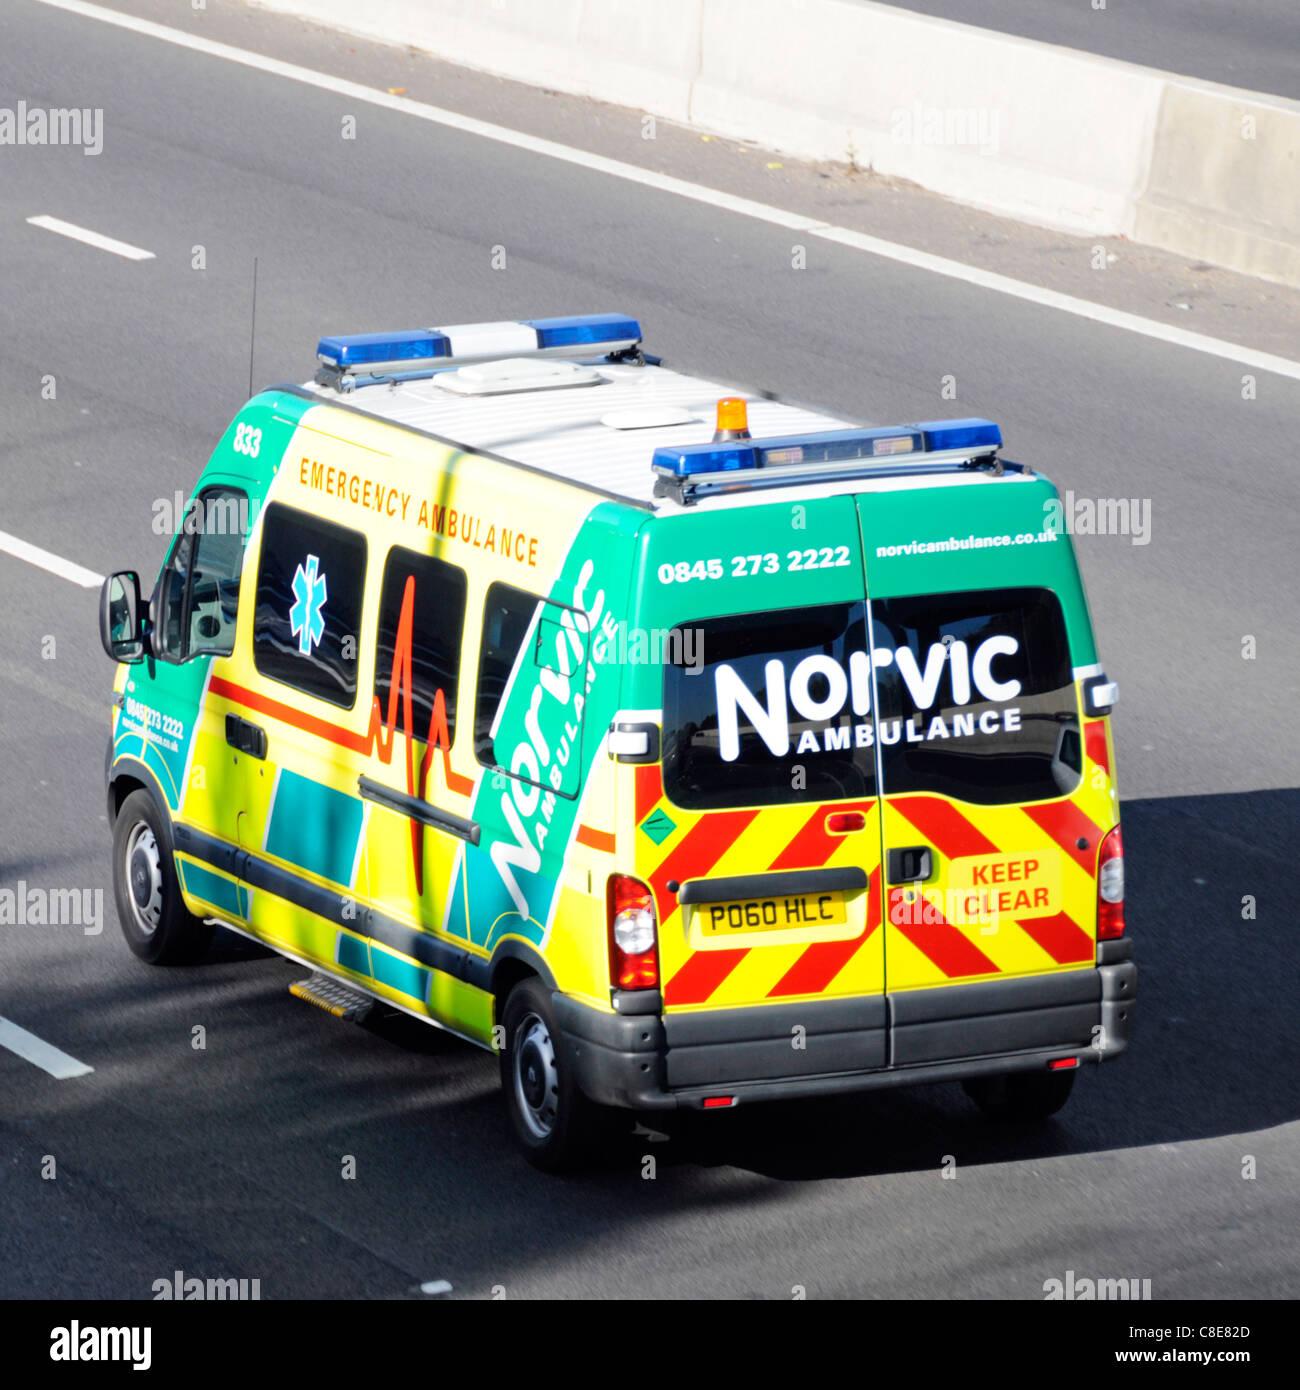 Norvic sector privado de atención de salud de emergencia ambulancia business circulando por la autopista M25 Imagen De Stock